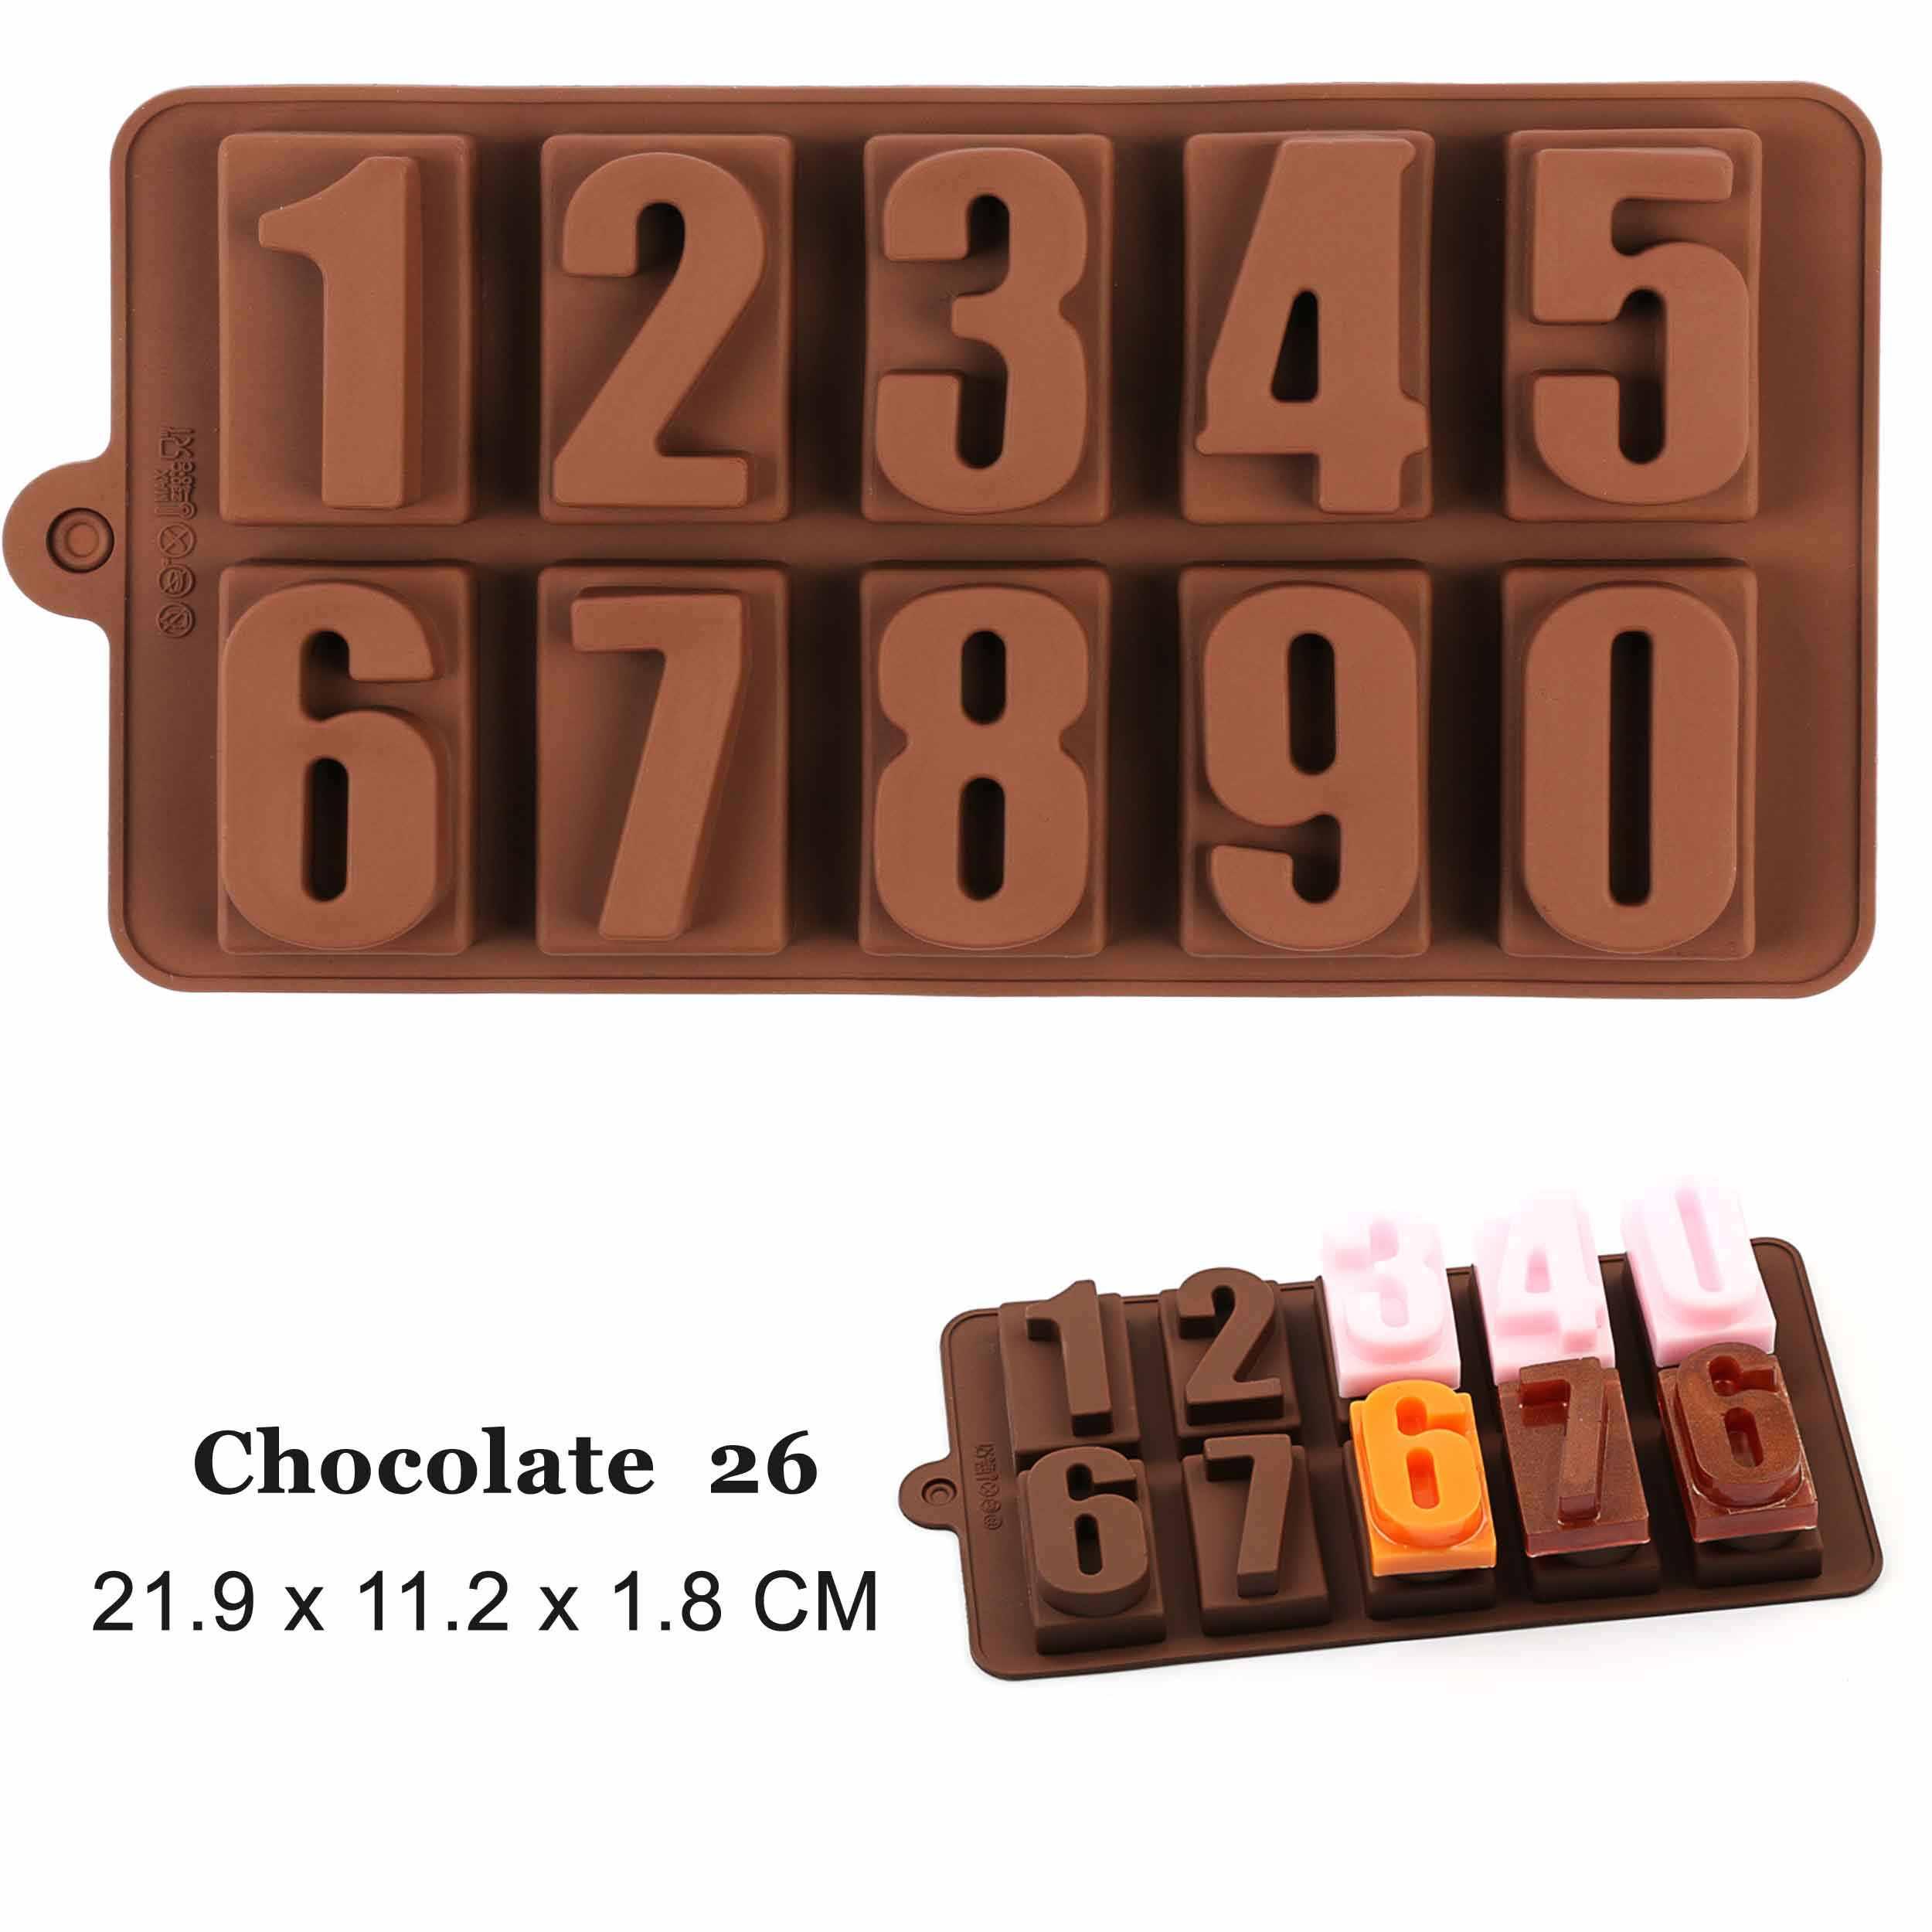 Nuovo stampo per cioccolato in Silicone 29 forme strumenti per cottura al cioccolato stampo per dolci in Silicone antiaderente stampo per gelatina e caramelle stampo 3D fai da te migliore